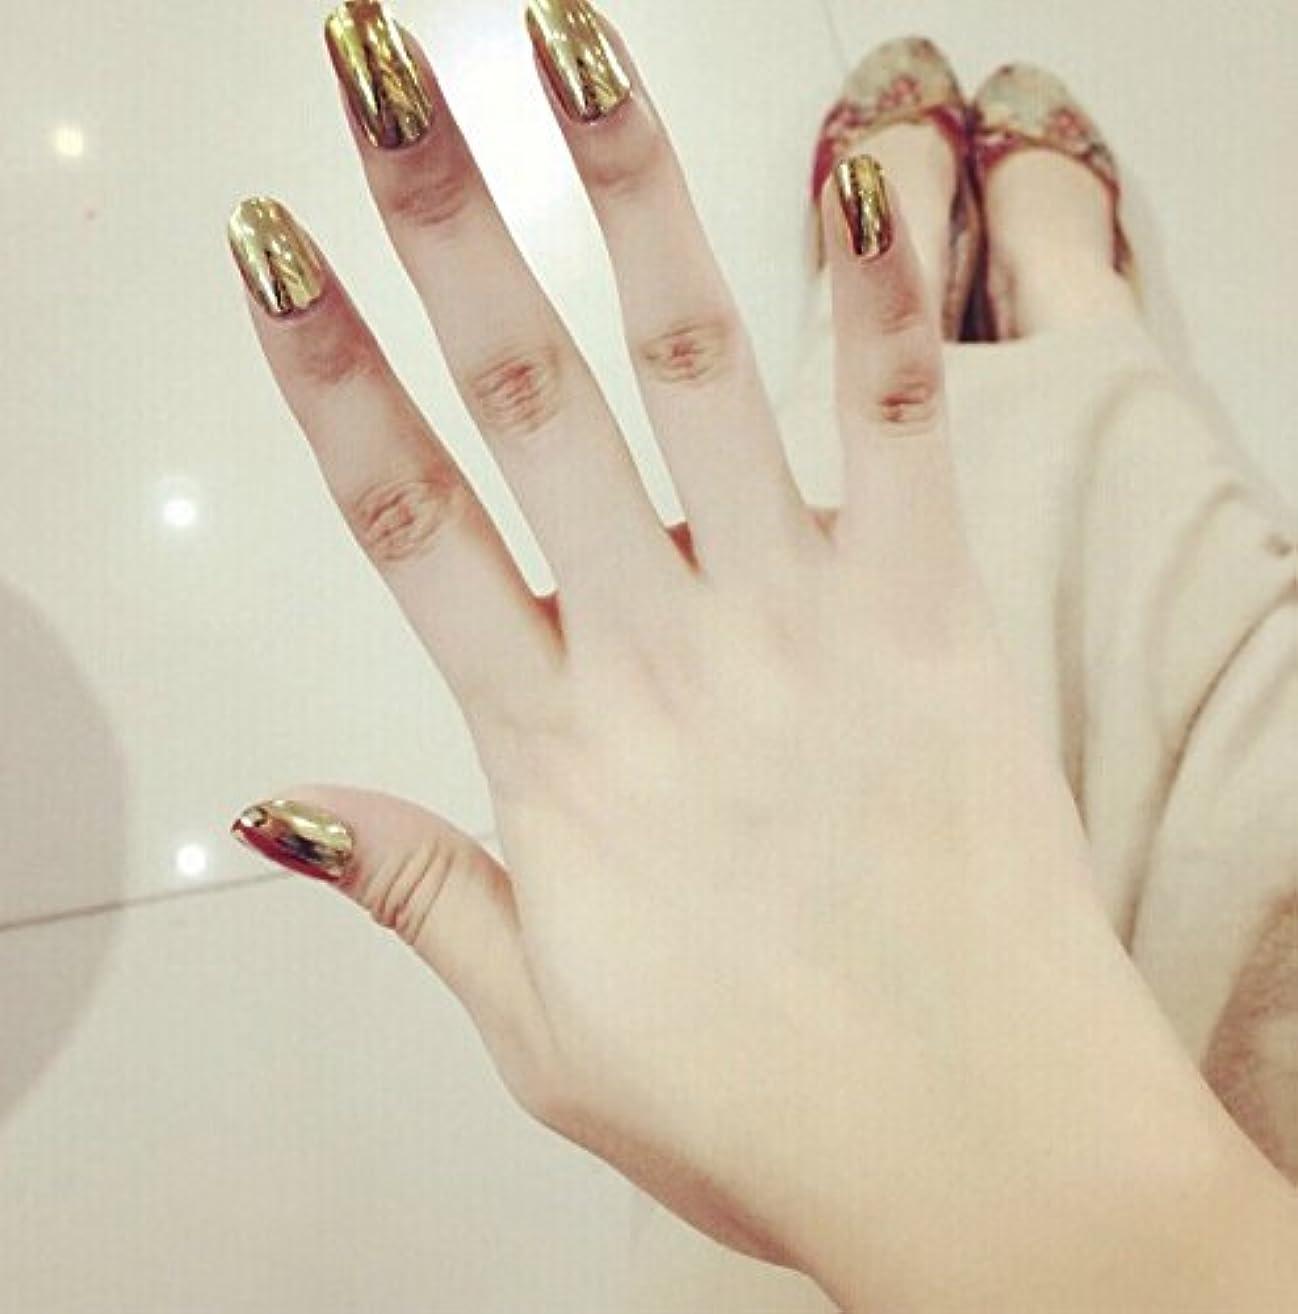 偏差配列続編ポップでクールな印象!ピカピカメッキメタルカラーネイルチップ ショート型ネイル つけ爪 24枚組 (ゴールド)